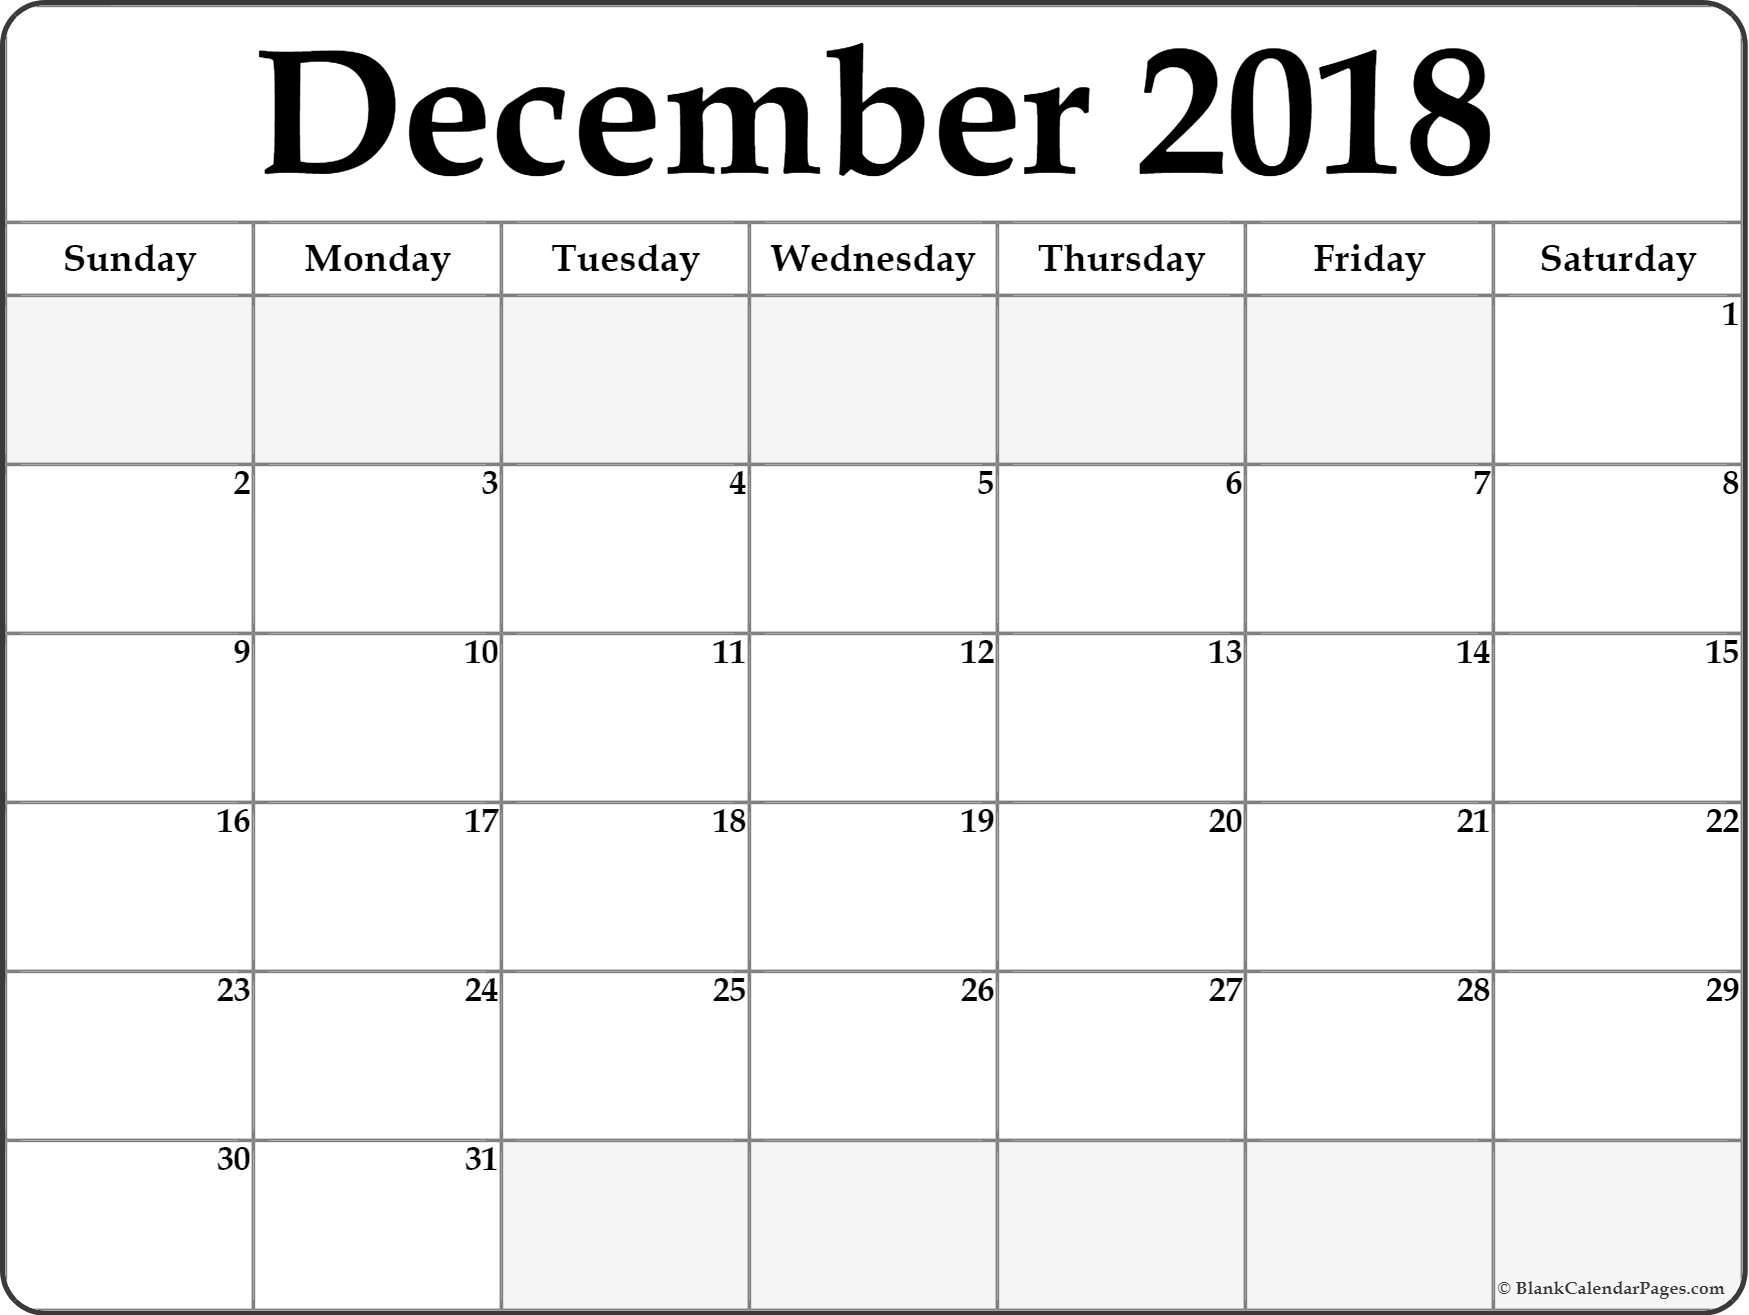 December 2018 Blank Calendar . December 2018 Calendar Printable within Blank Calendar For December